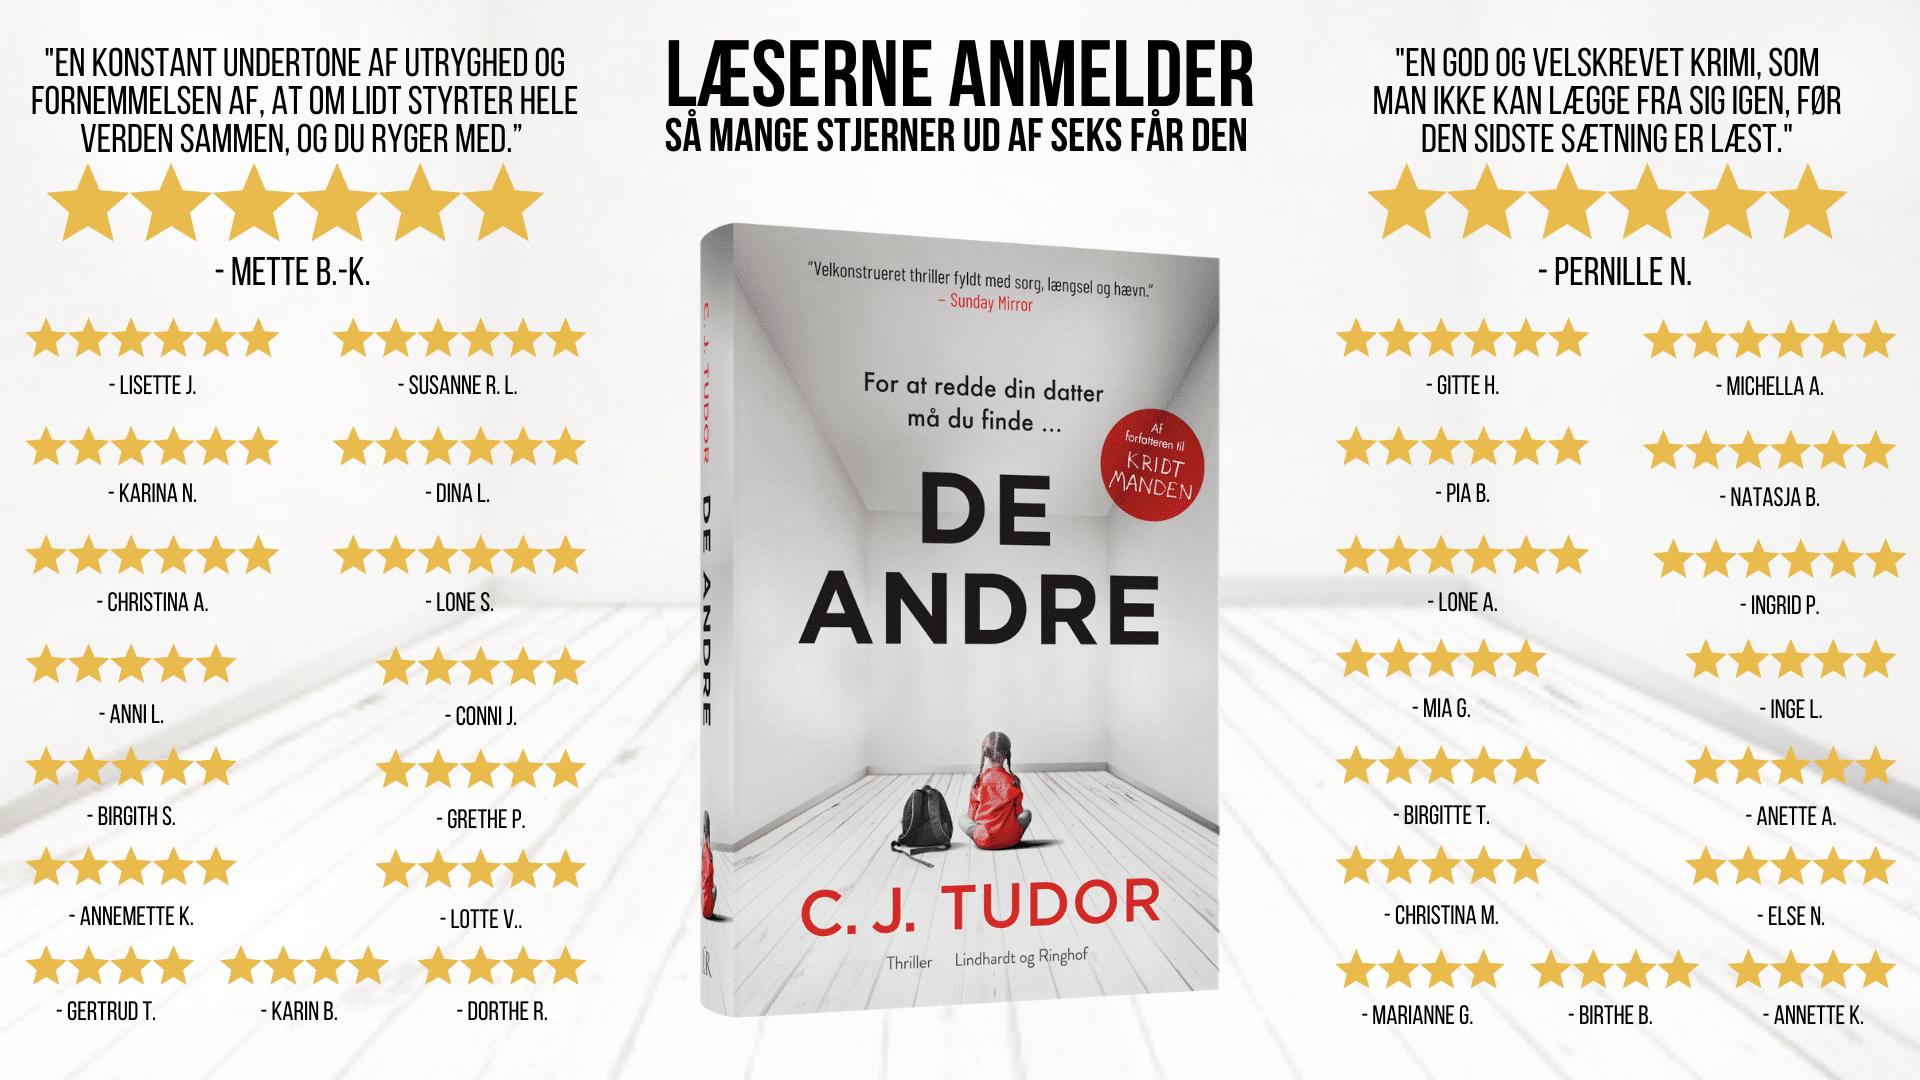 De andre, C. J. Tudor, krimi, thriller, page-turner,